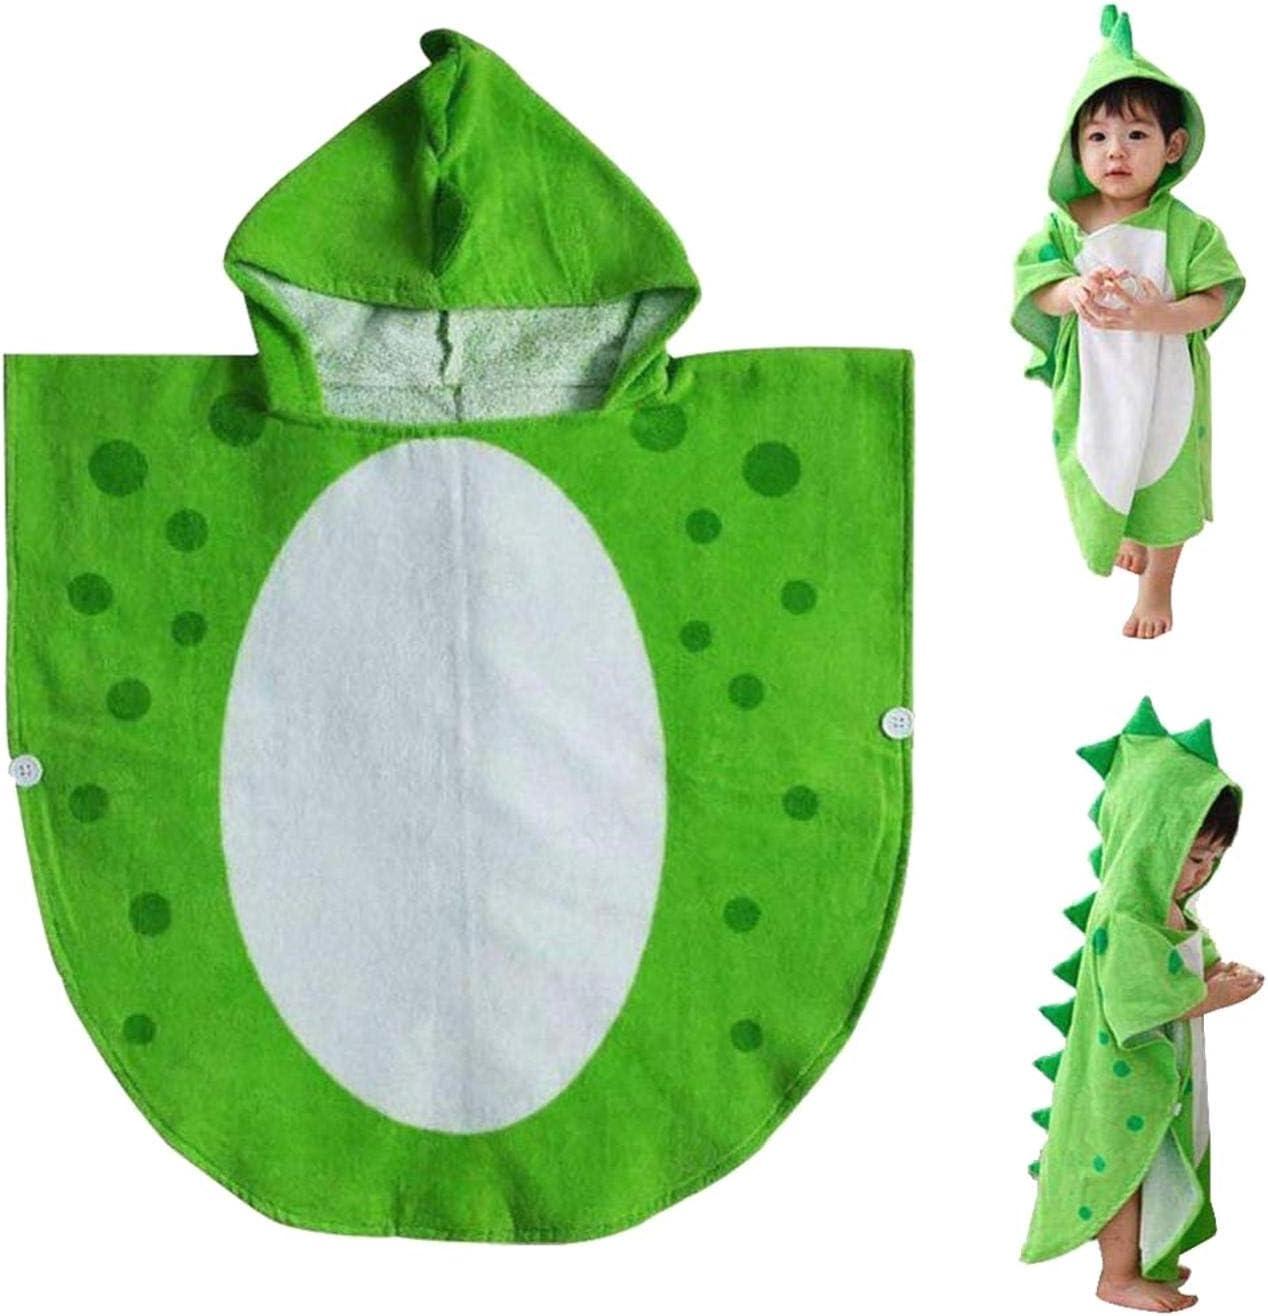 KANGIRU Sweat /à Capuche Serviette Enfants Serviette de Bain Robe Piscine Poncho Motif de Dinosaure Vert Blanc 55 cm x 110 cm